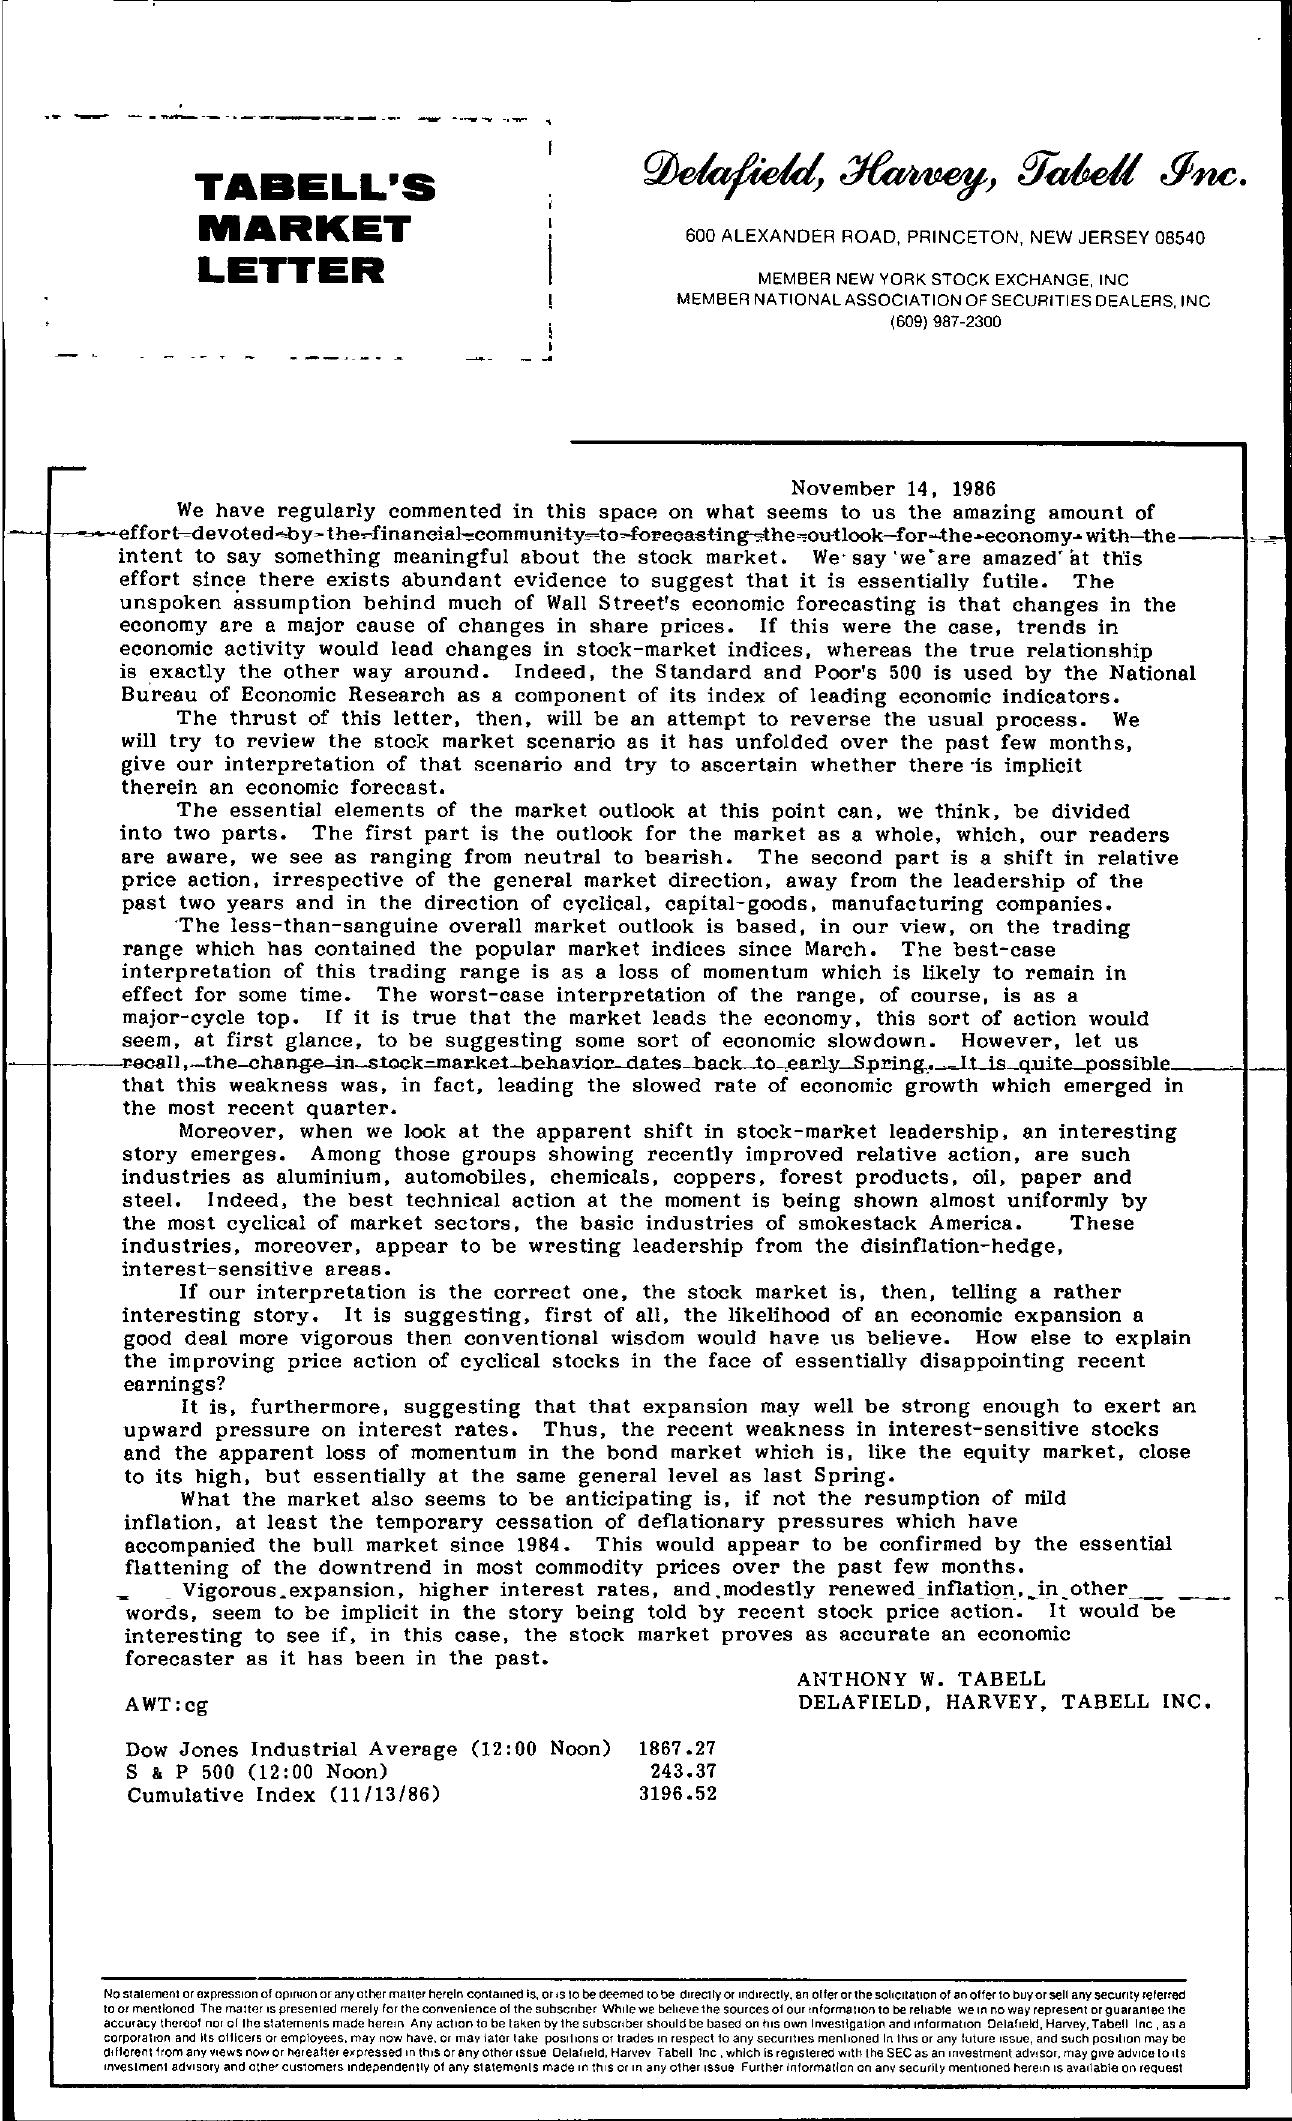 Tabell's Market Letter - November 14, 1986